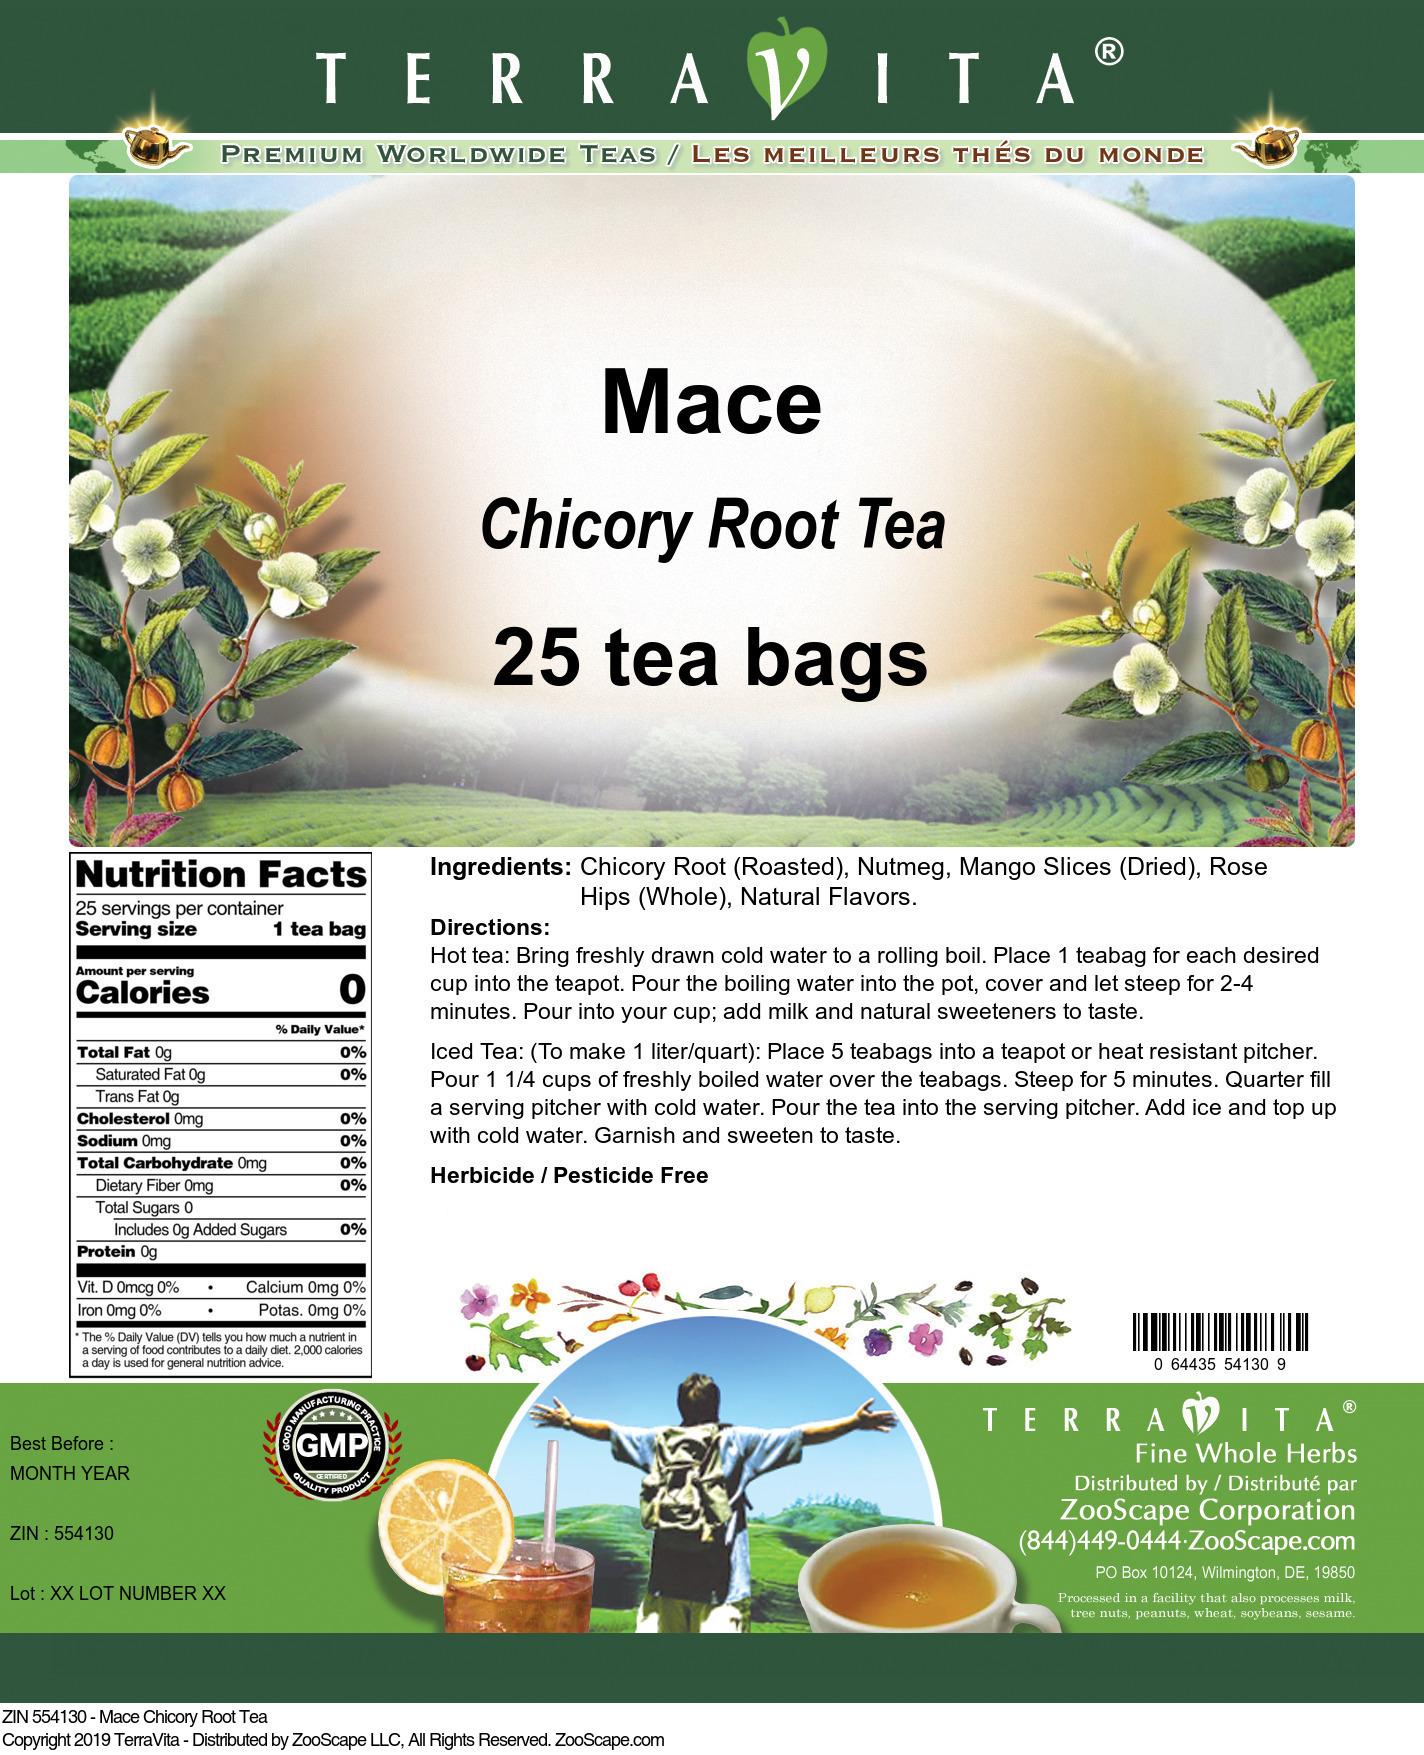 Mace Chicory Root